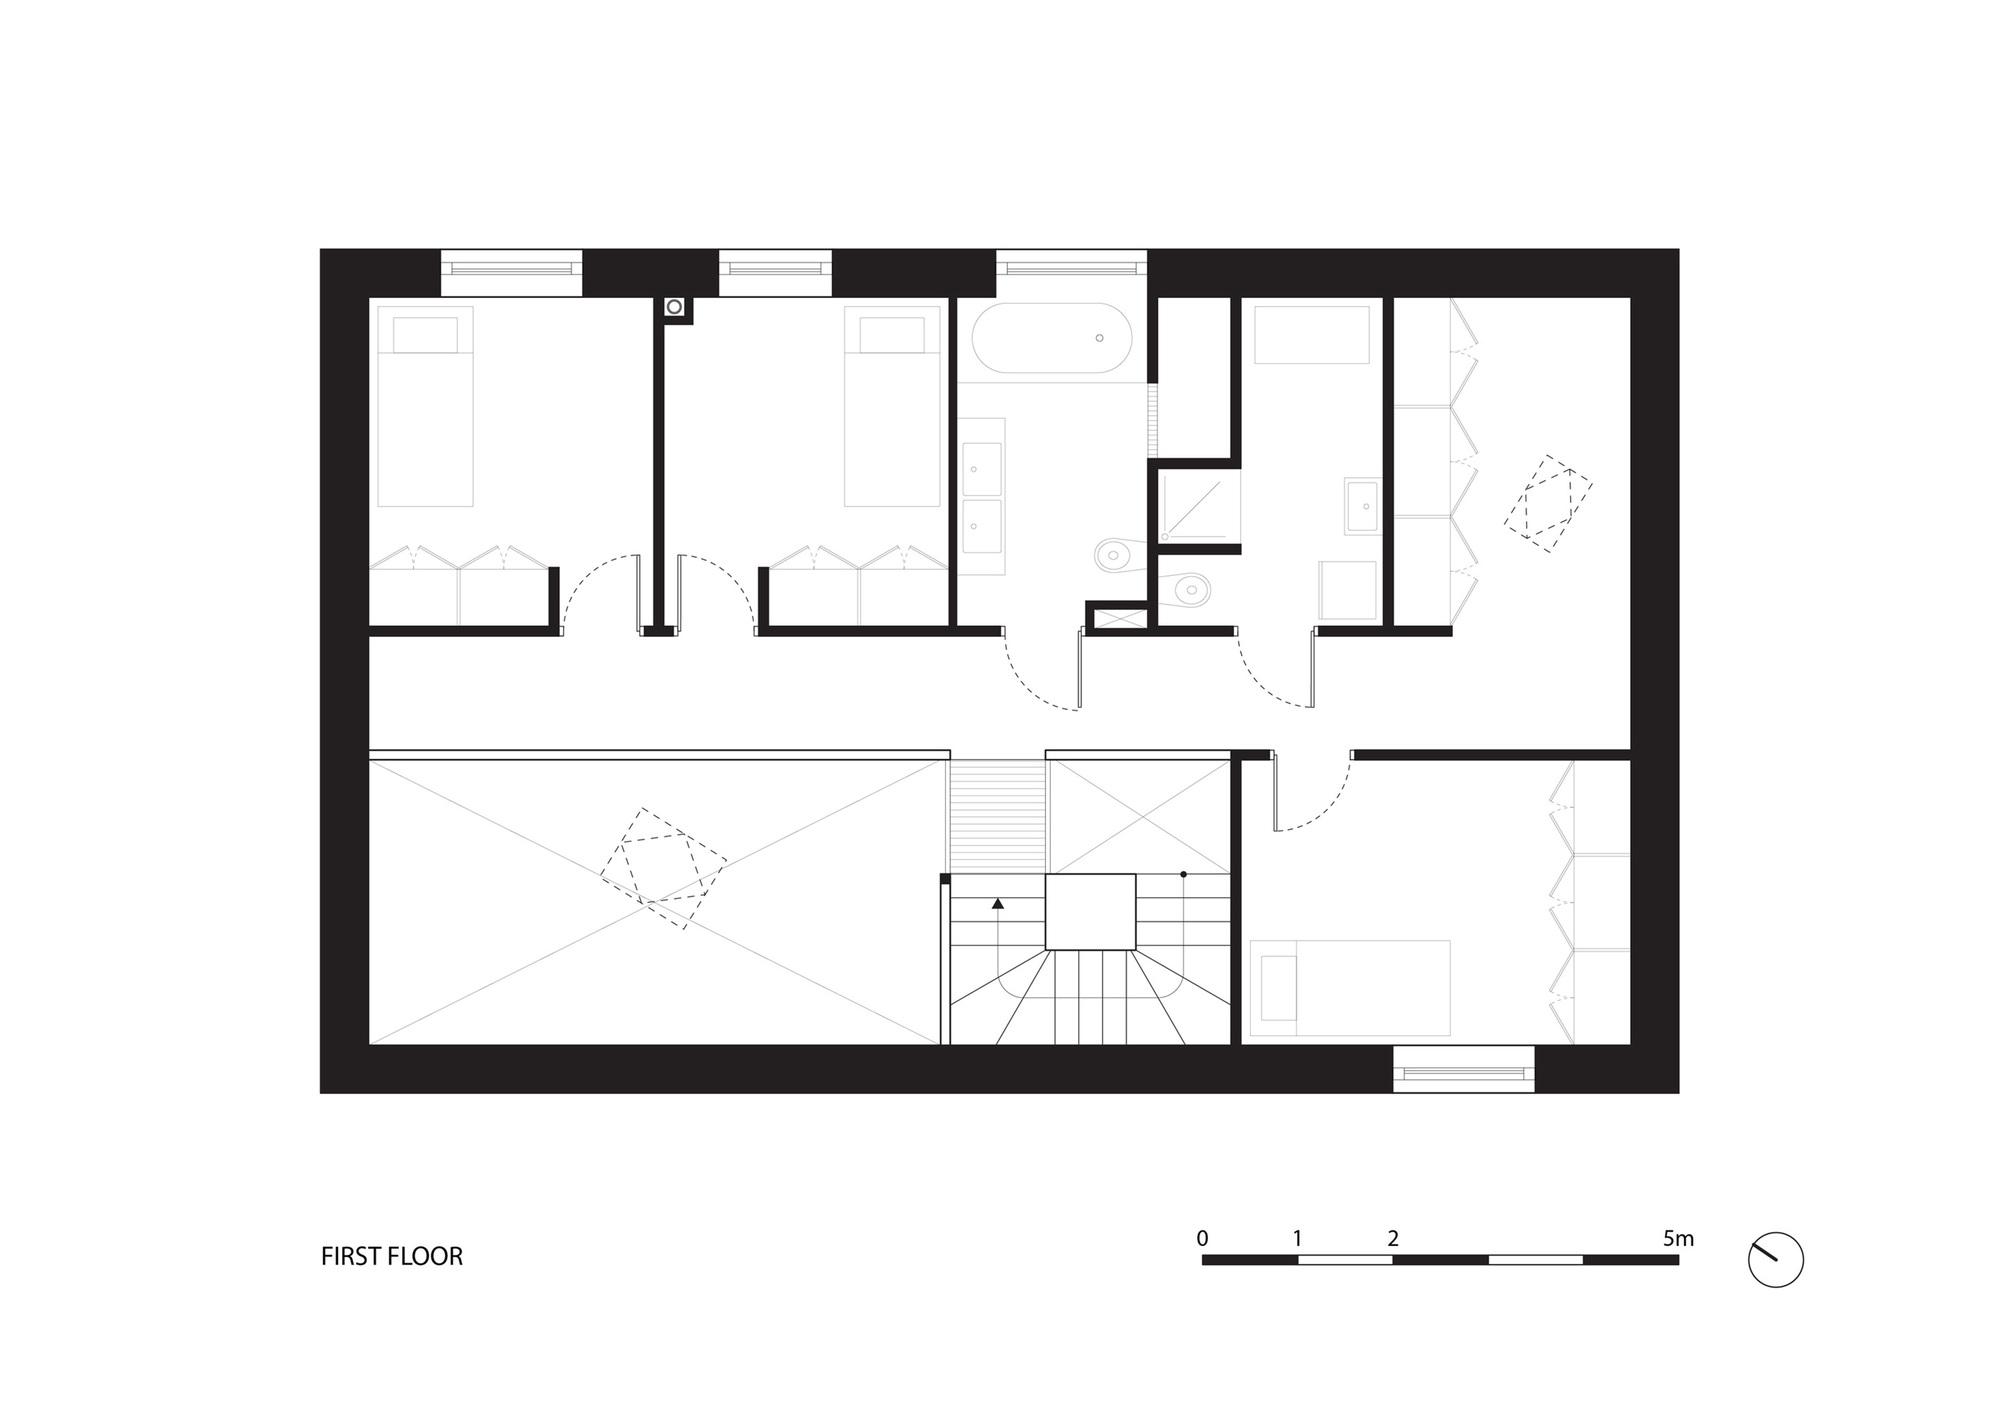 Plano de Casa 34.25° de Bartek Arendt